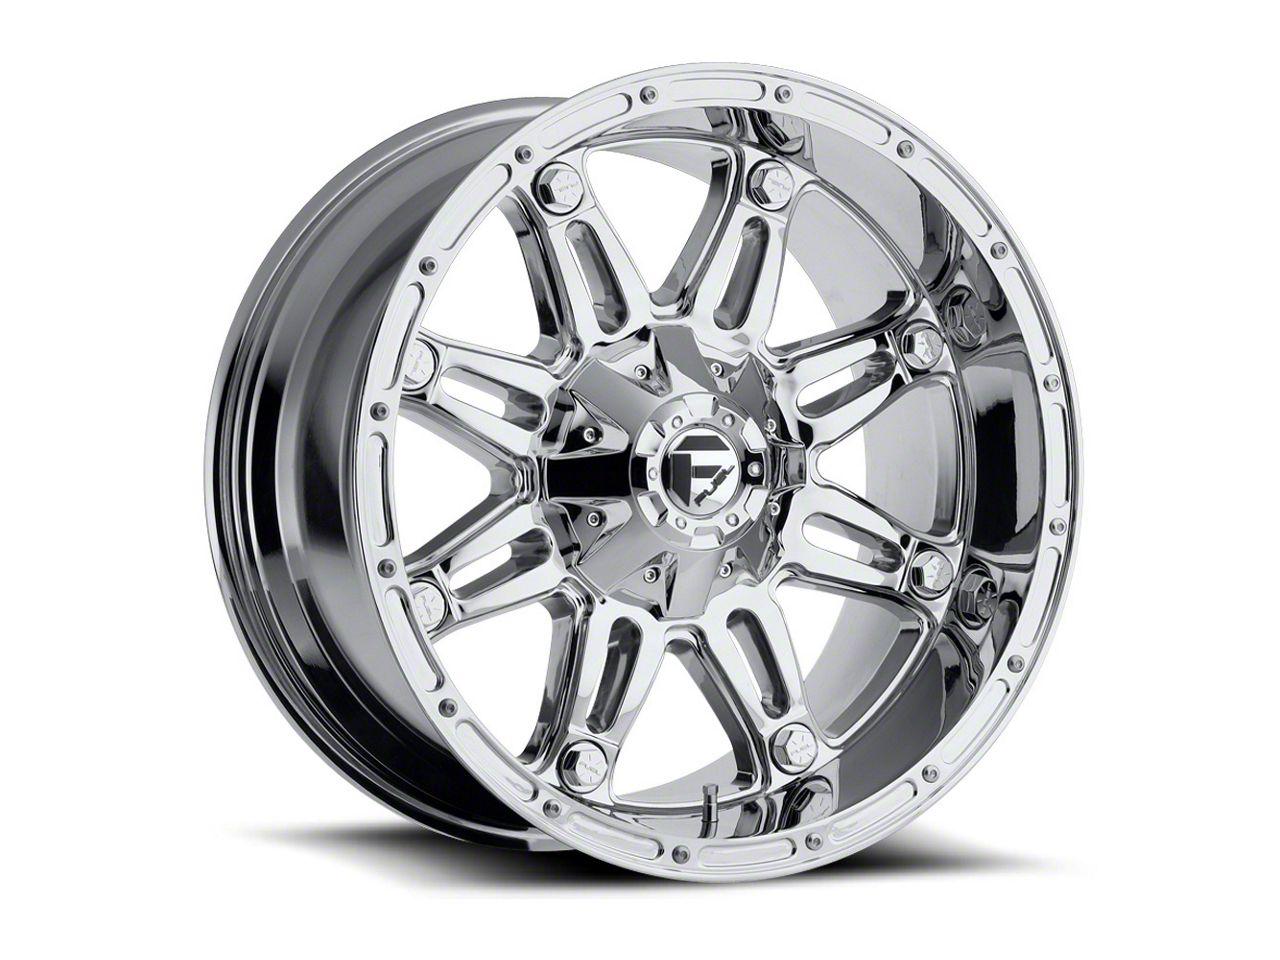 Fuel Wheels Hostage Chrome 6-Lug Wheel - 22x11 (07-18 Sierra 1500)